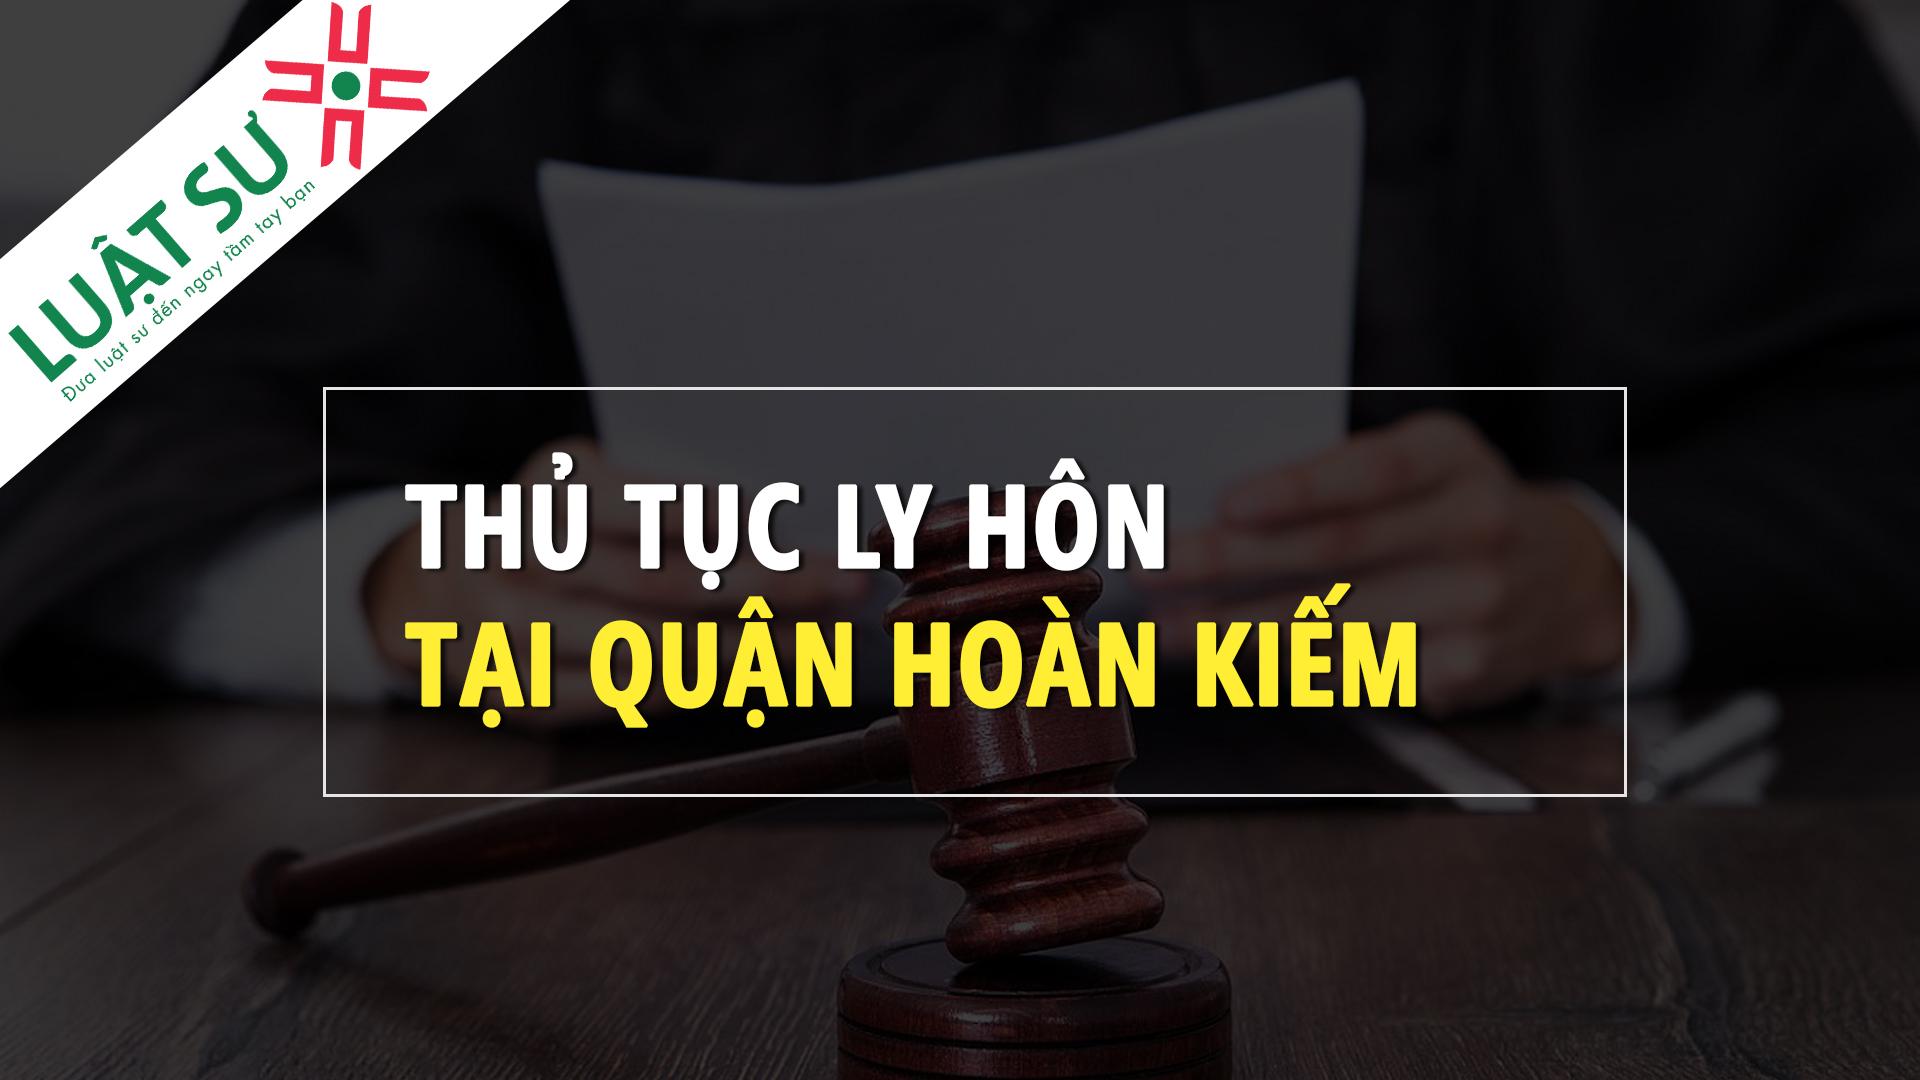 Thủ tục ly hôn tại Quận Hoàn Kiếm